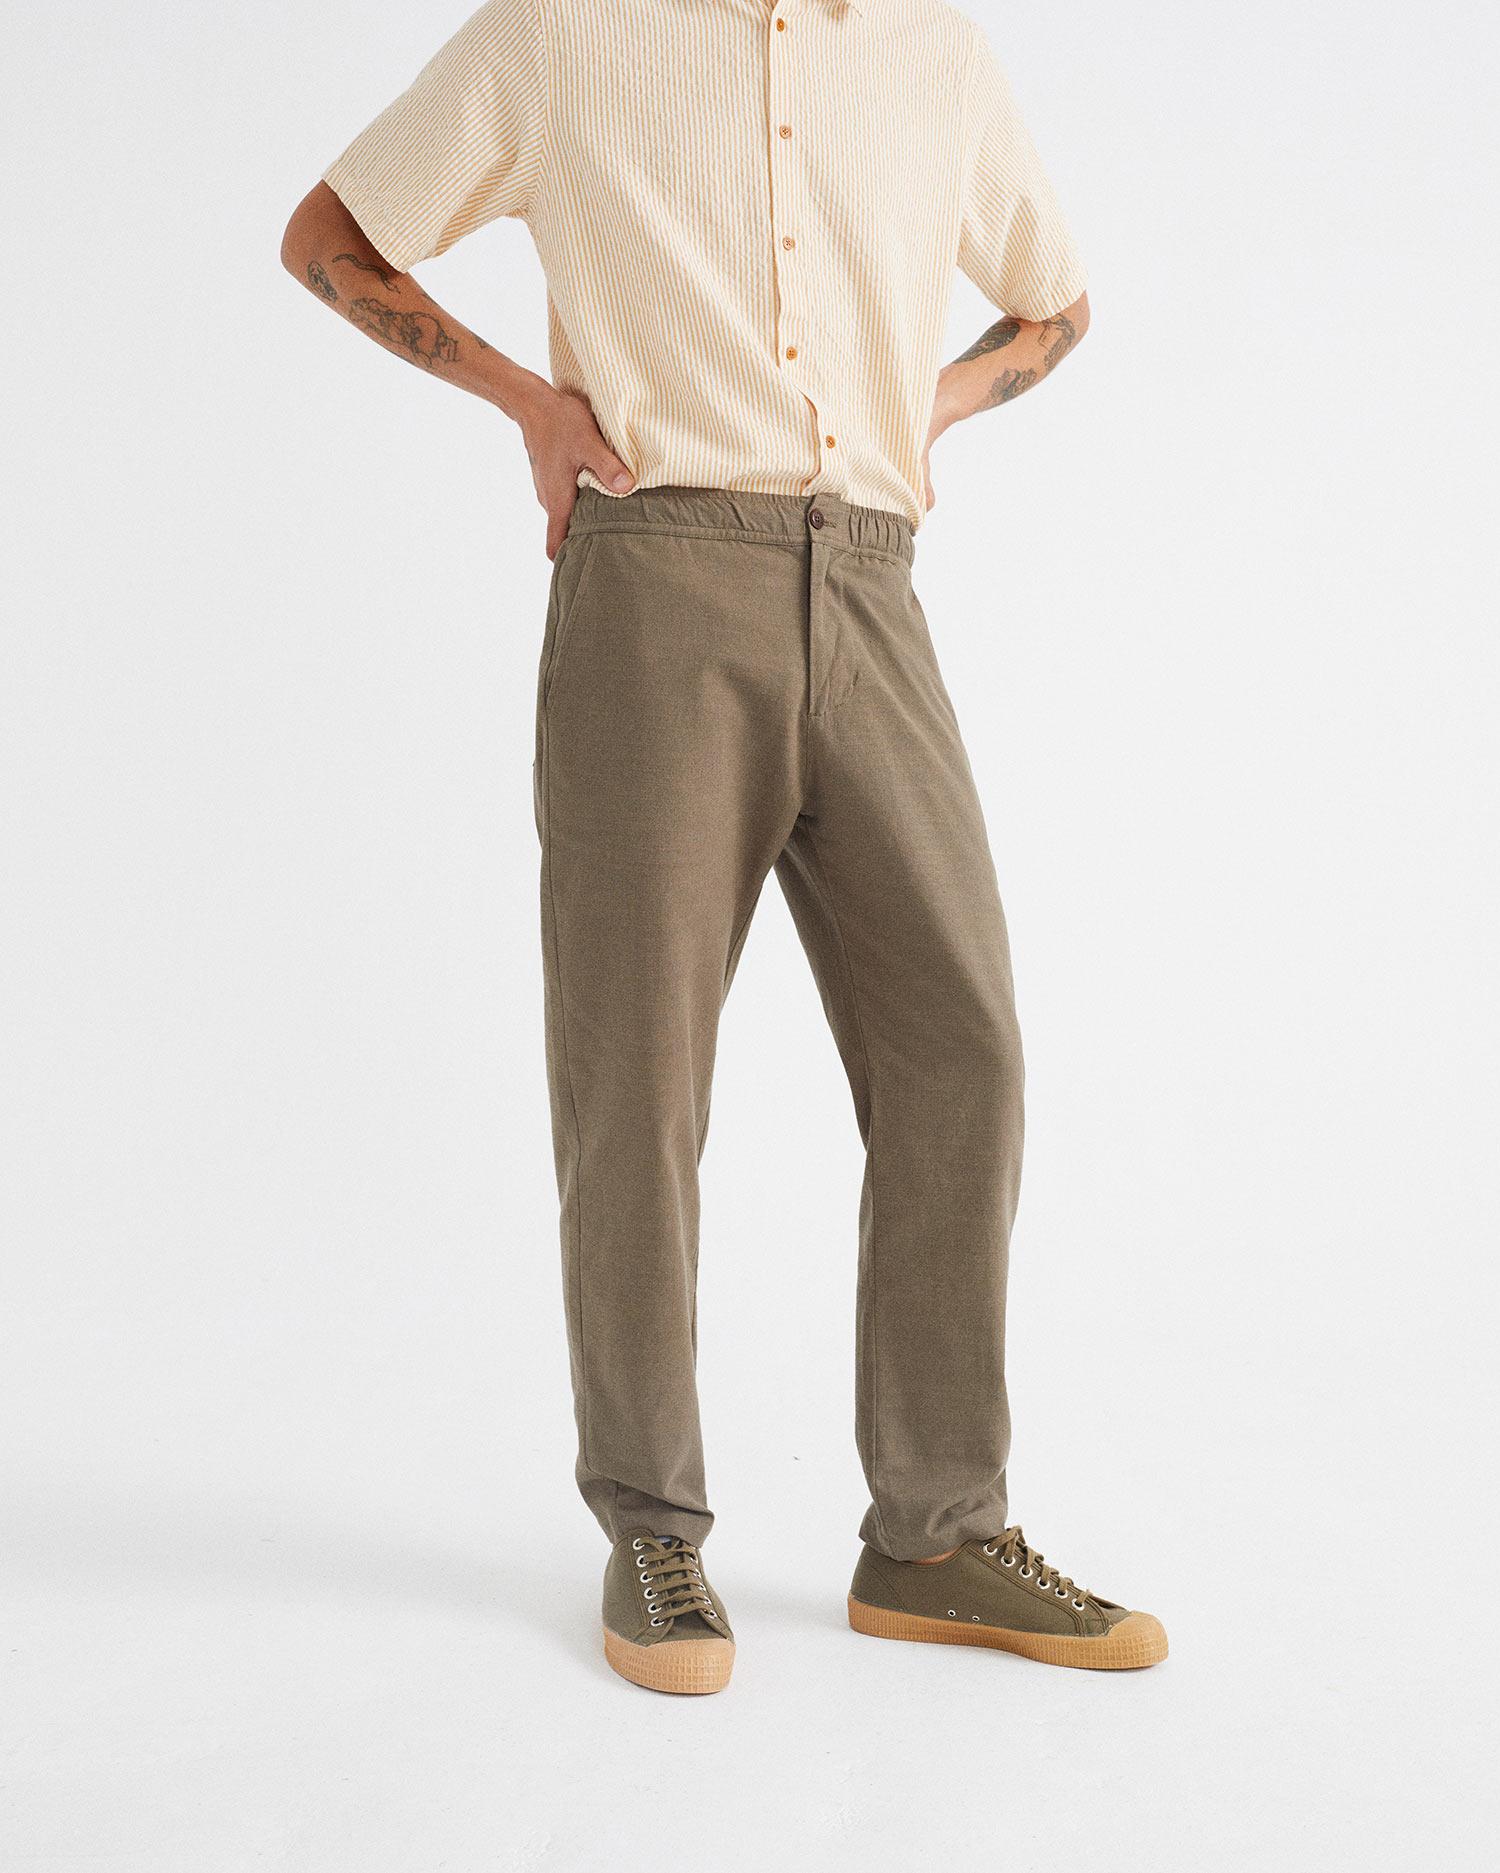 green travel pants, herren - thinking mu